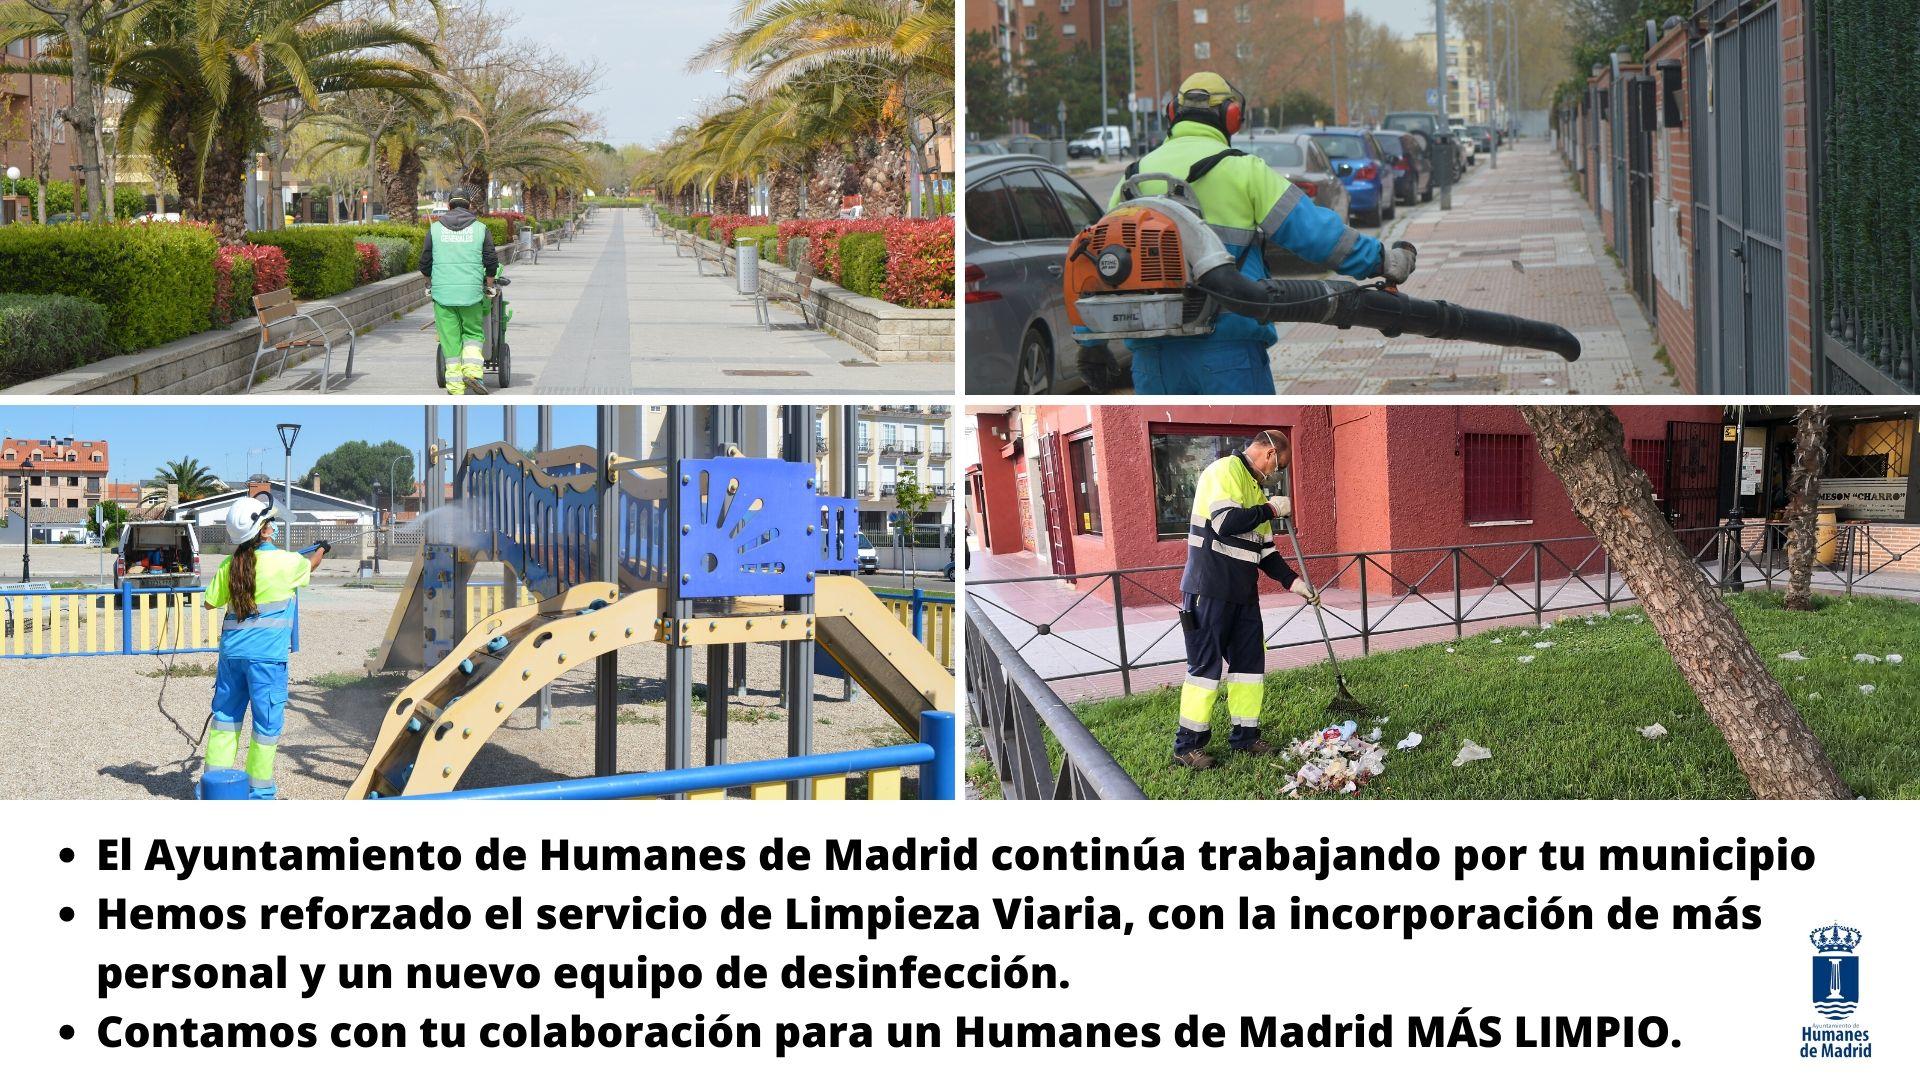 El Ayuntamiento de Humanes de Madrid ha reforzado el servicio de Limpieza Viaria, con la incorporación de más personal y un nuevo equipo de desinfección.